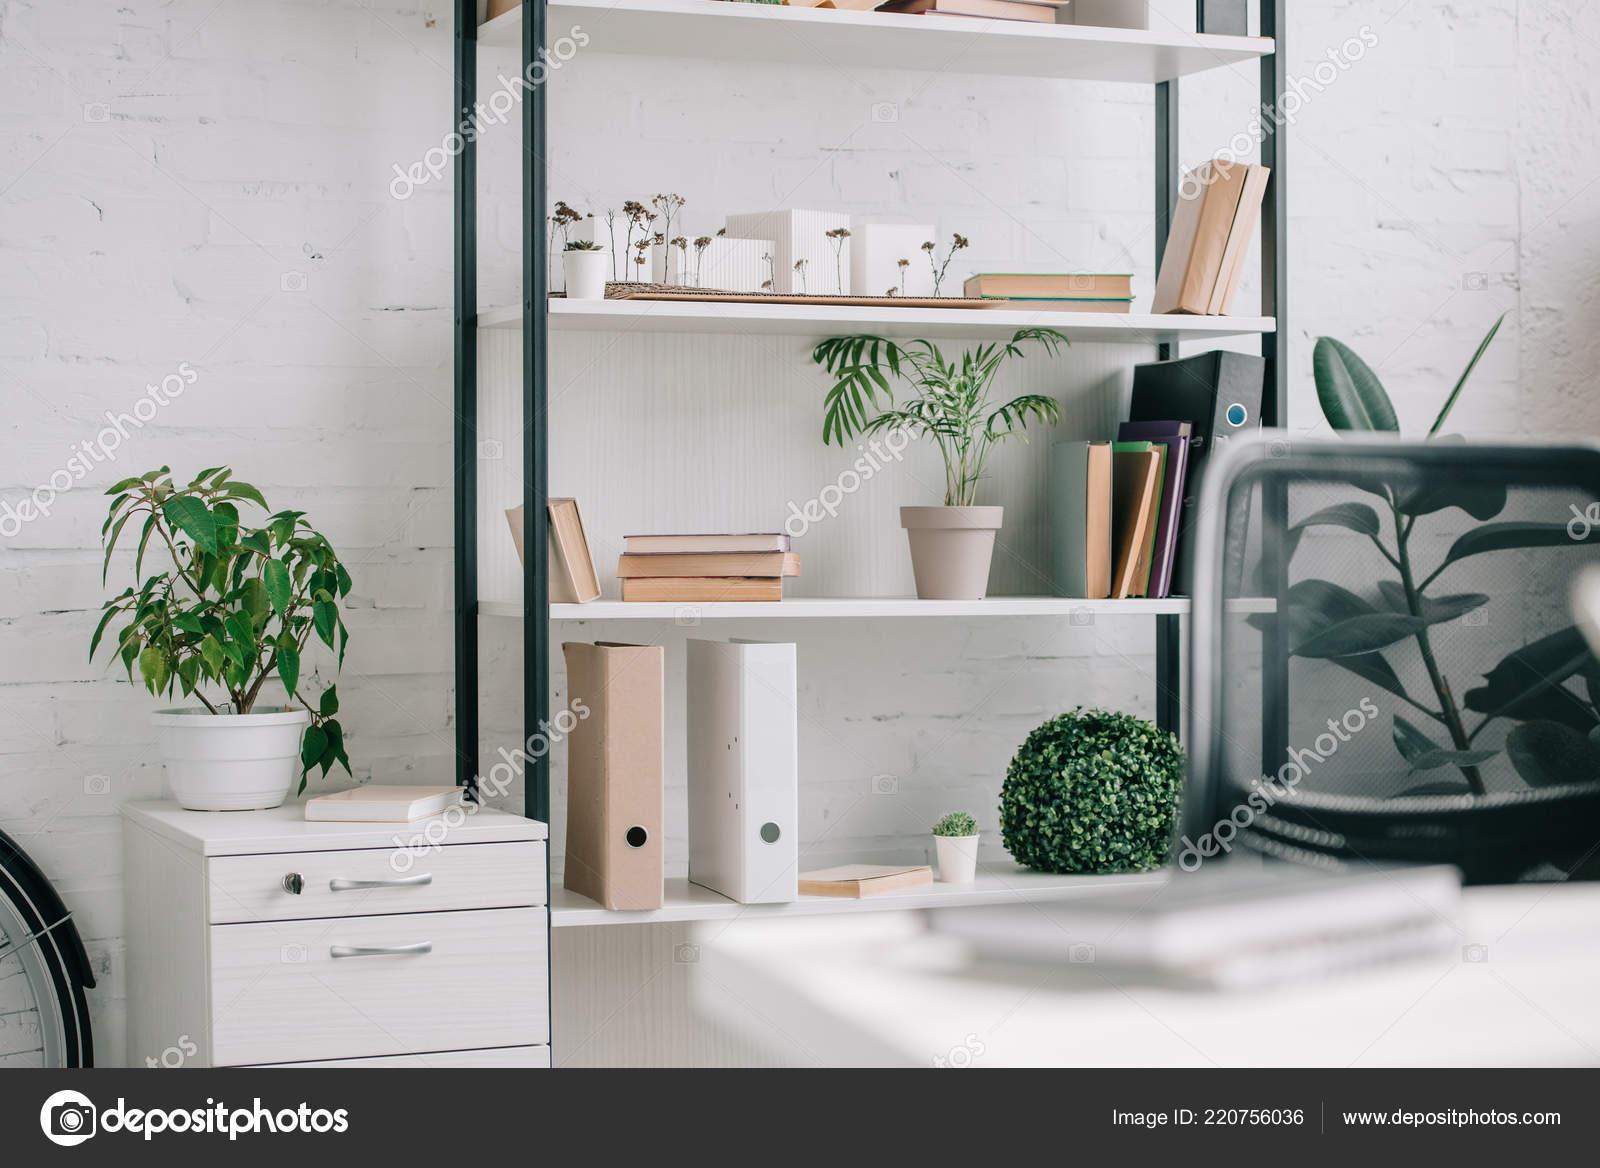 Planten Op Kantoor : Mappen planten planken kantoor u stockfoto andrewlozovyi